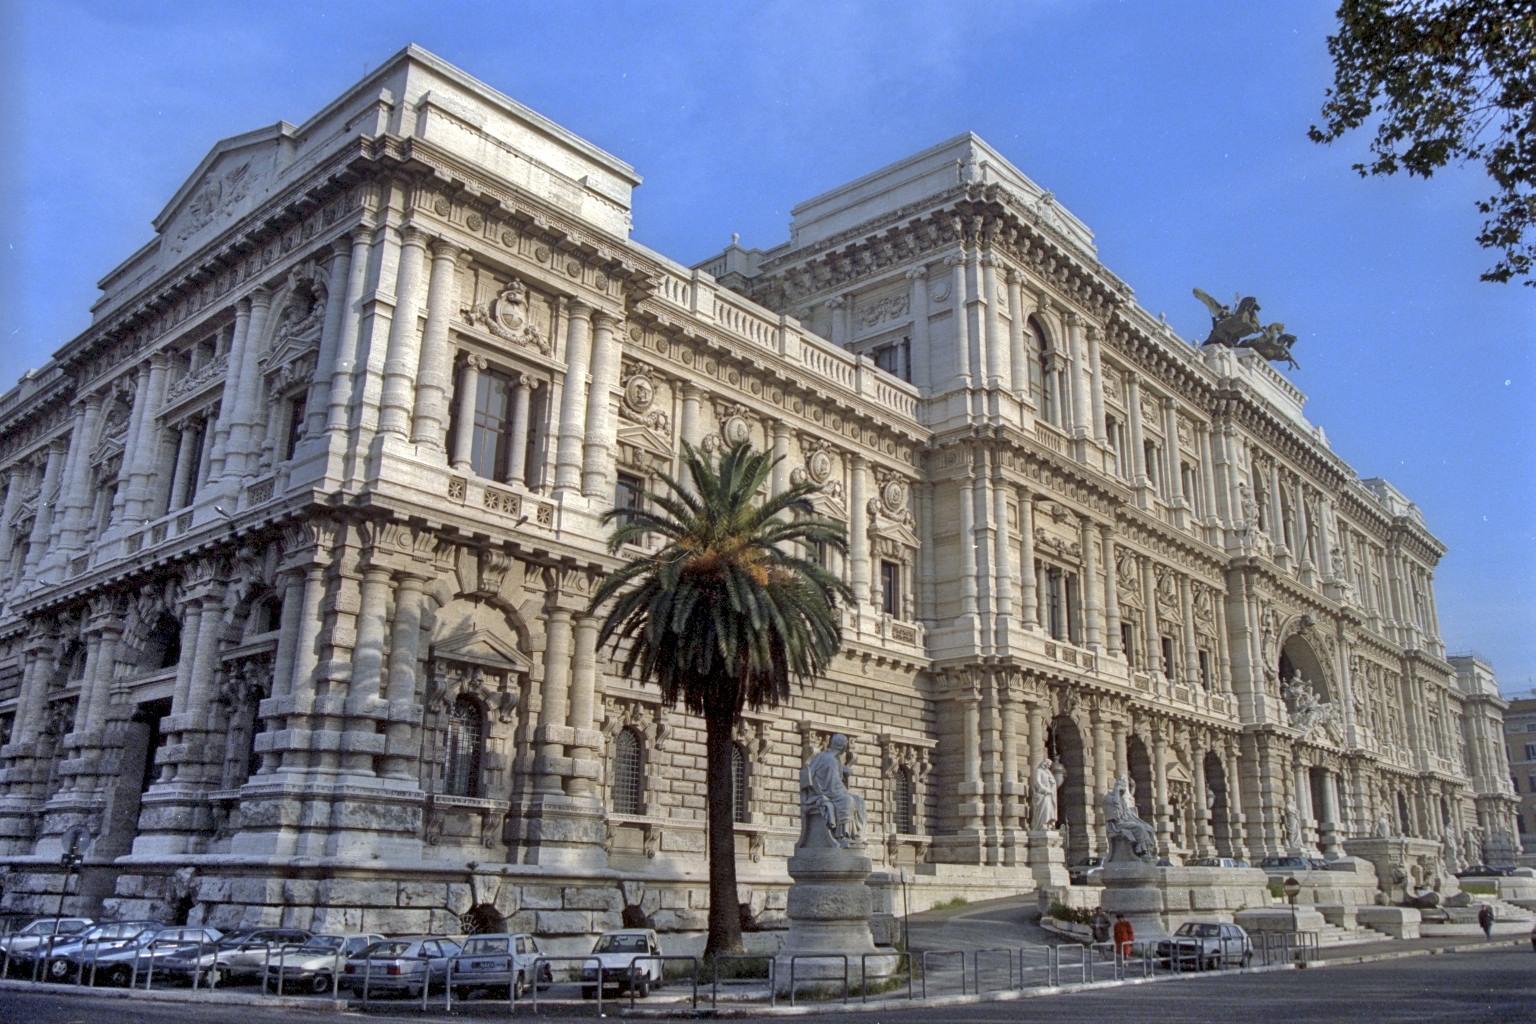 Palazzo di Giustitia, Roma